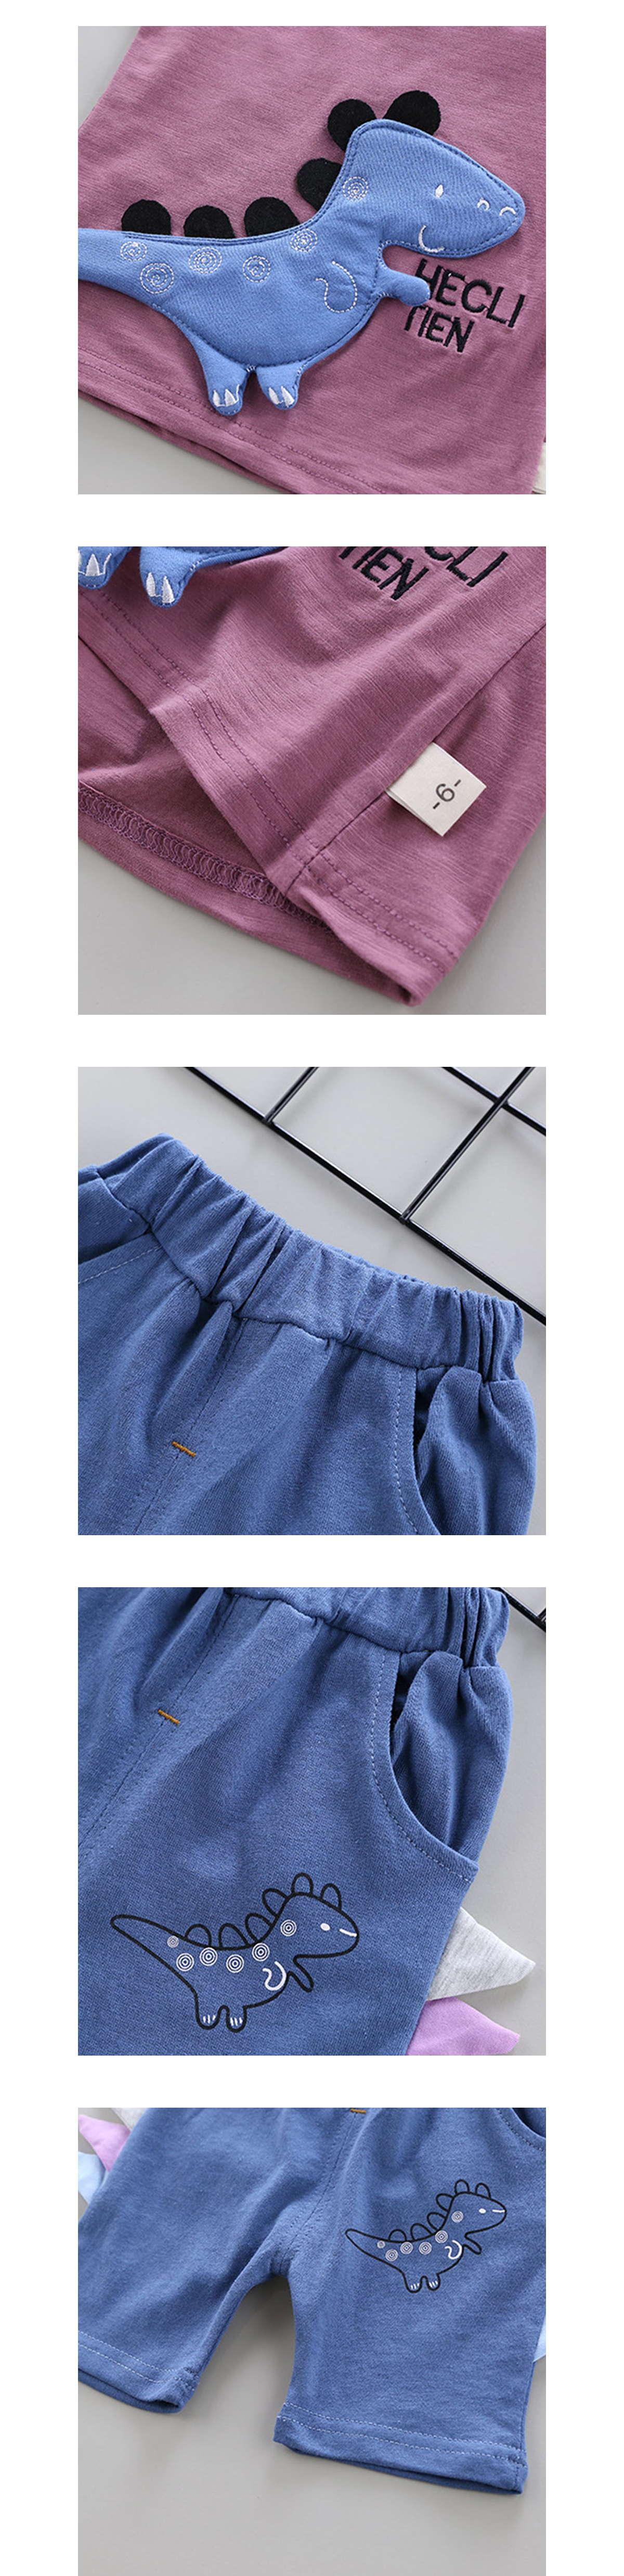 套裝.立體劍龍娃娃造型上衣兩件組.童裝